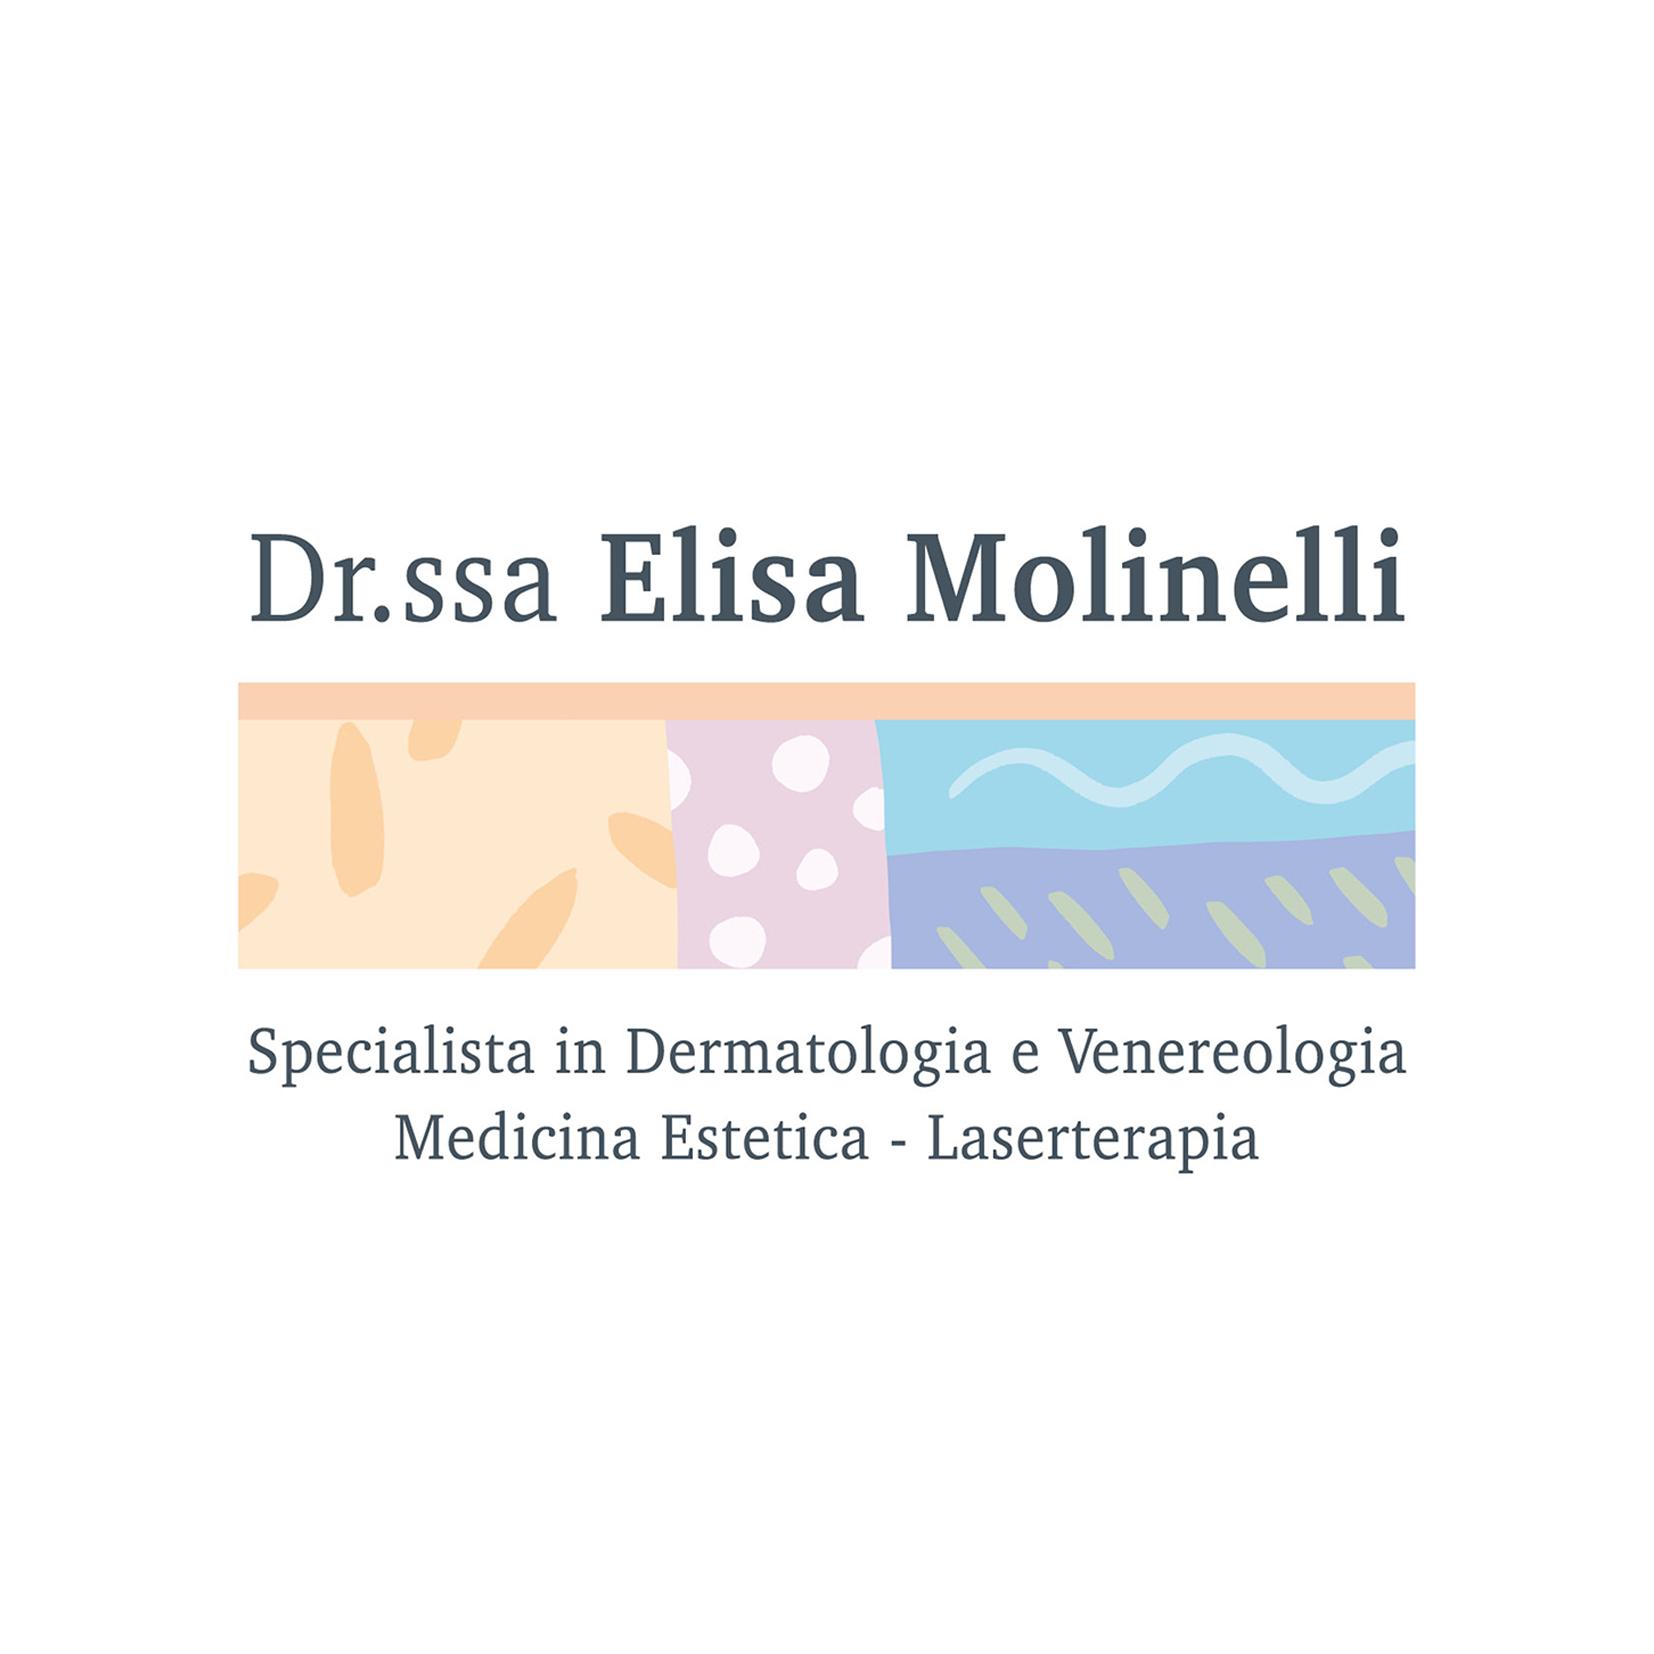 Elisa Molinelli, specialista in Dermatologia e Venereologia